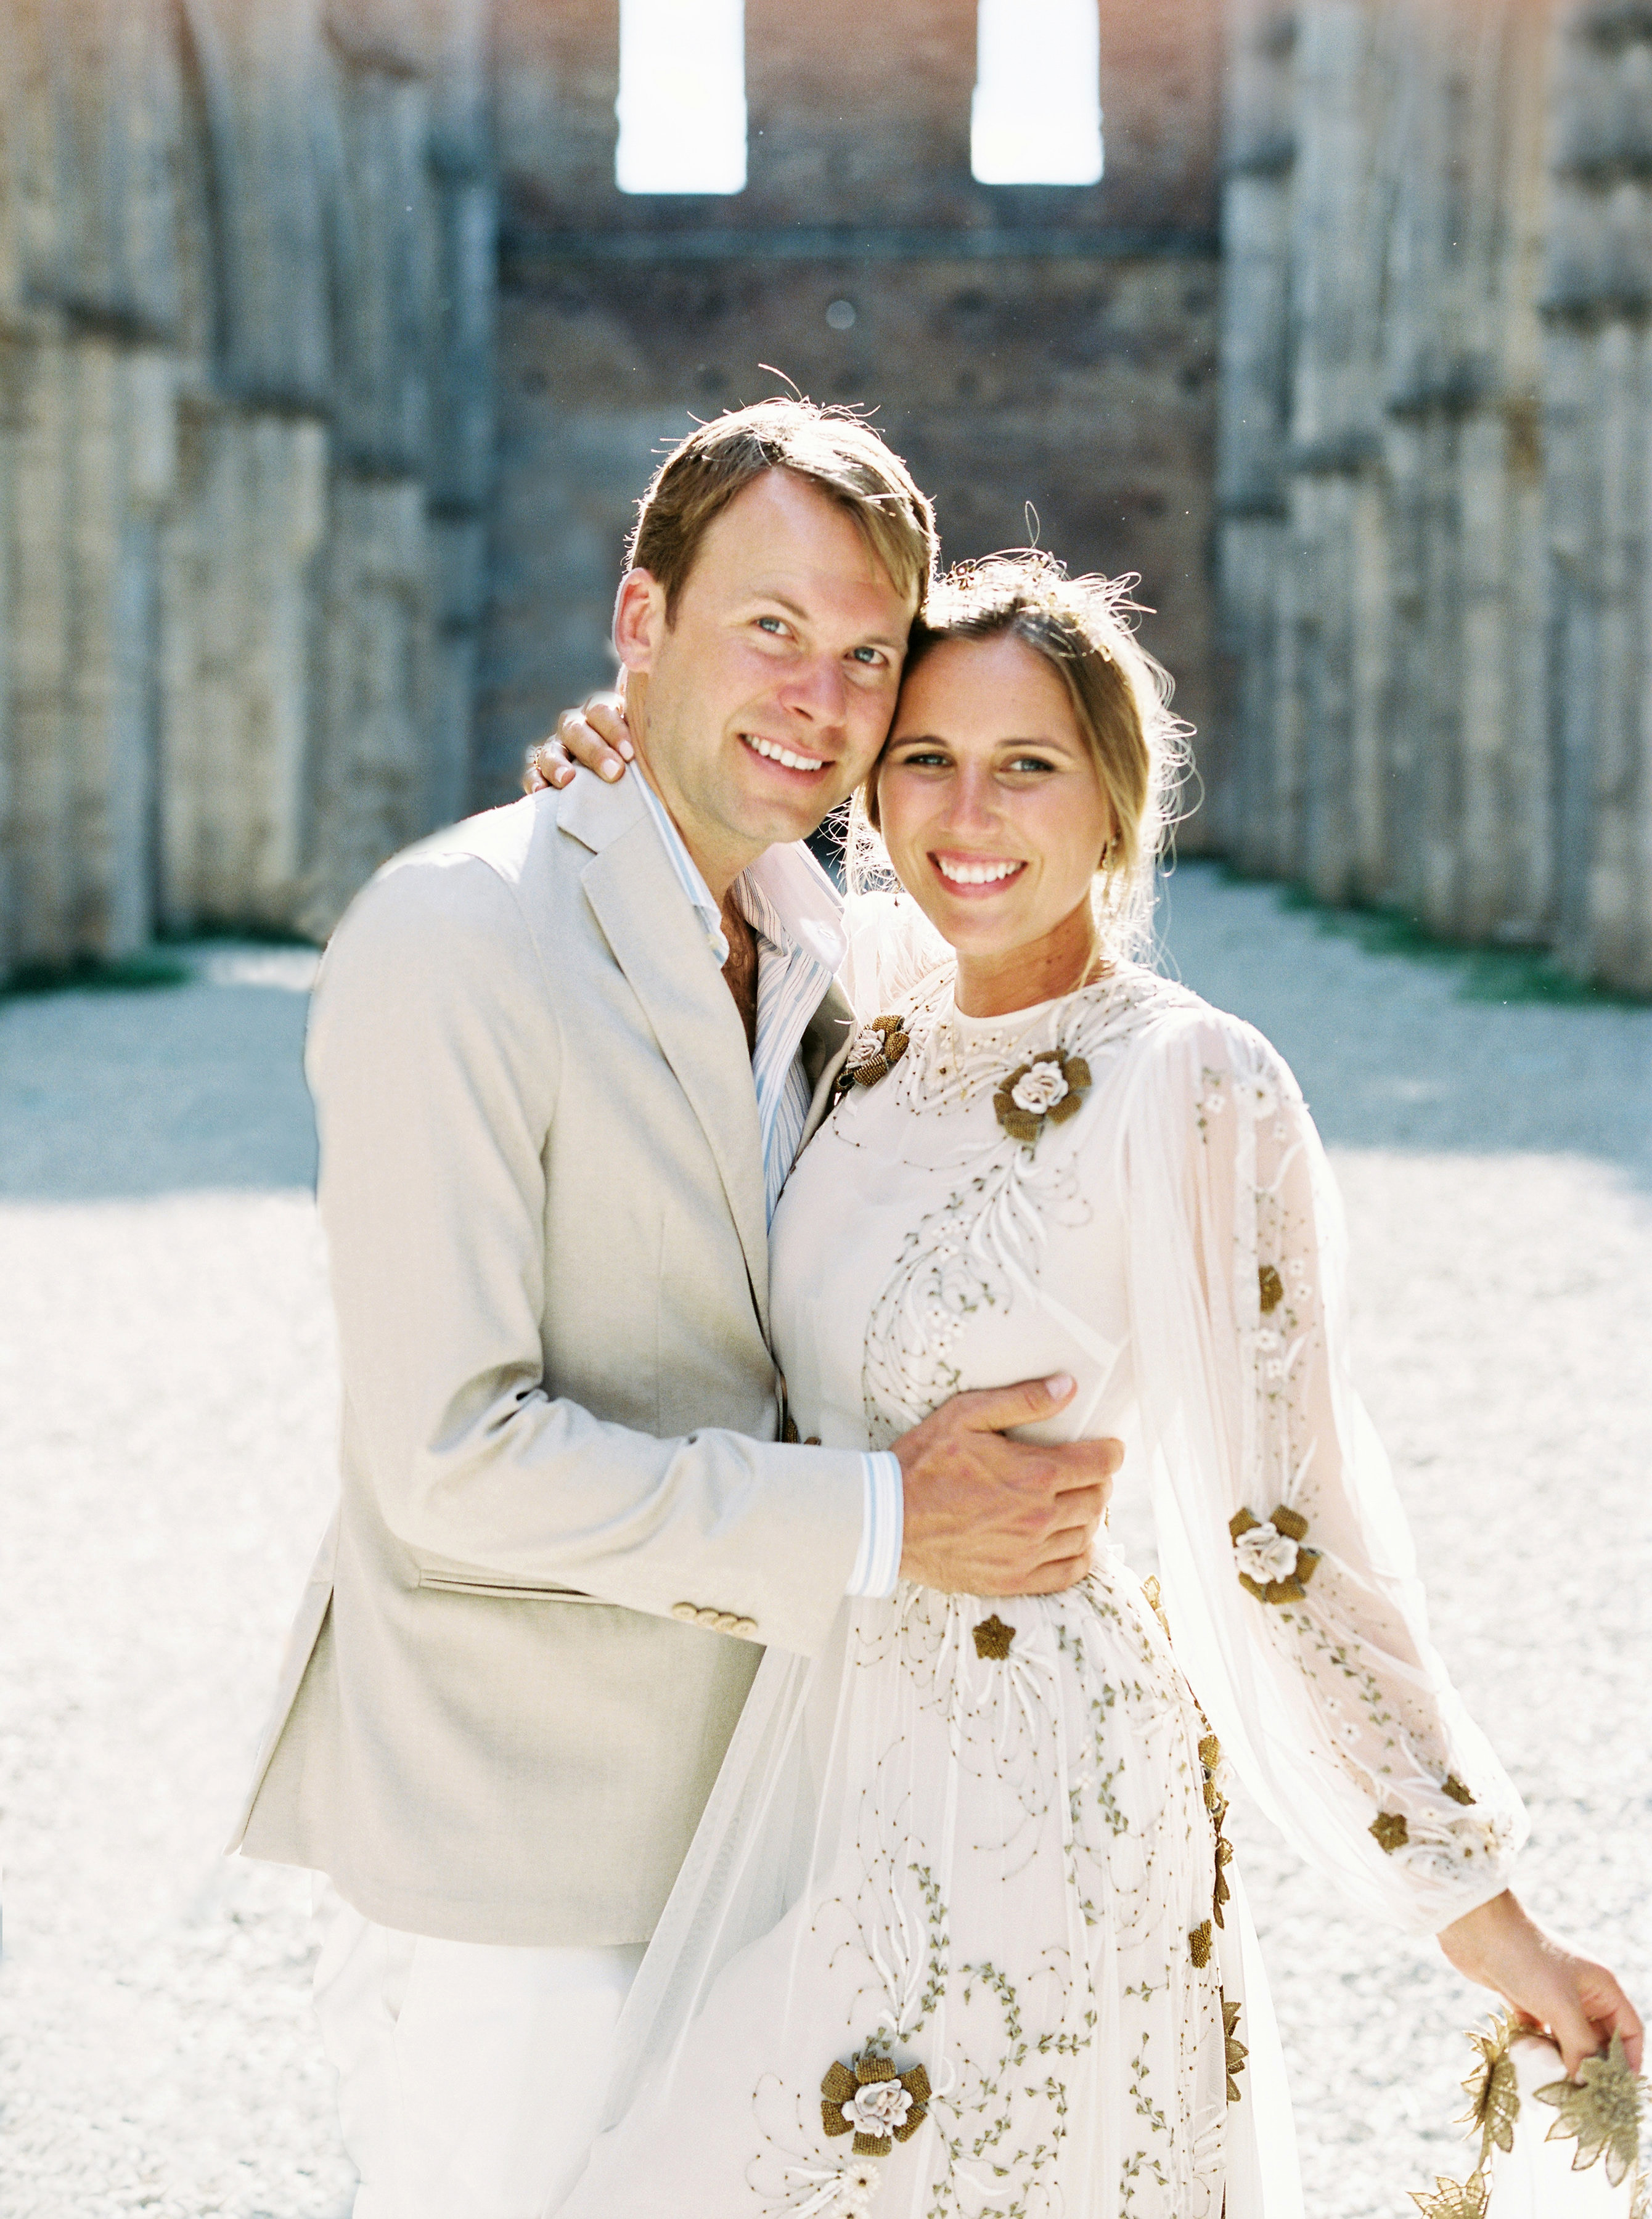 alexis zach wedding italy couple close-up